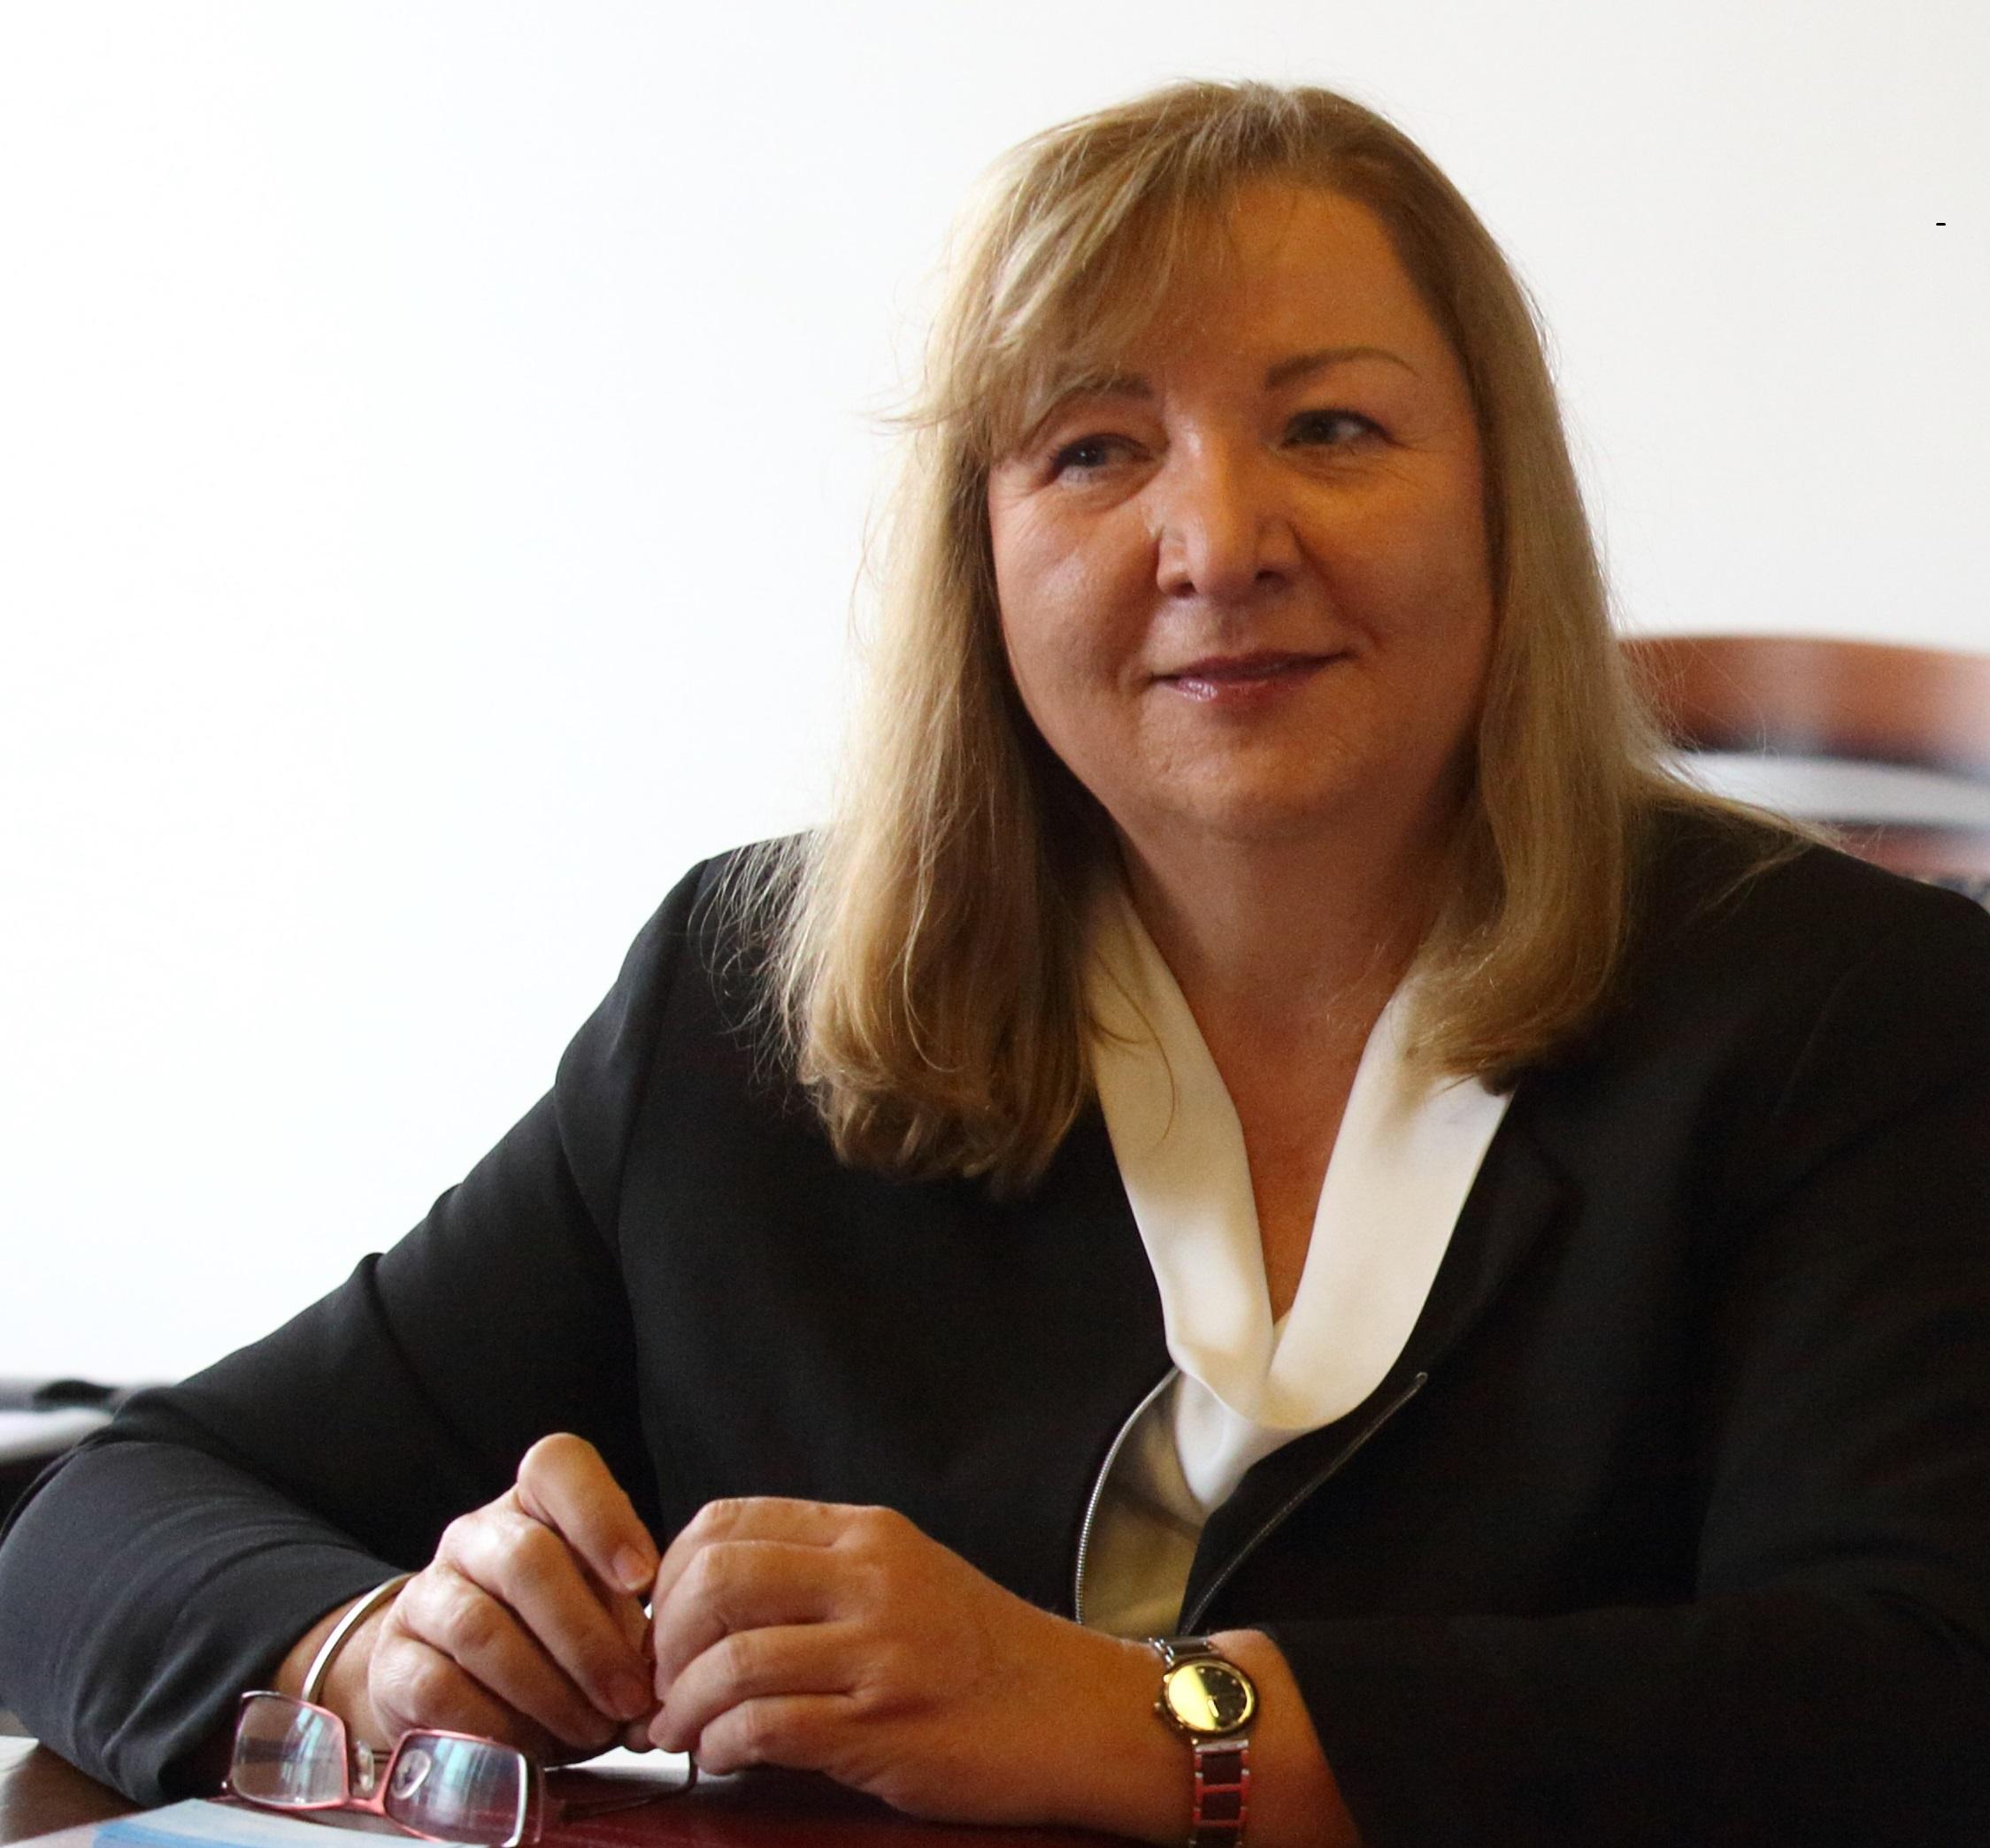 AMBIS University: Dr. Alžbeta Kiráľová, Prague, Czech Republic